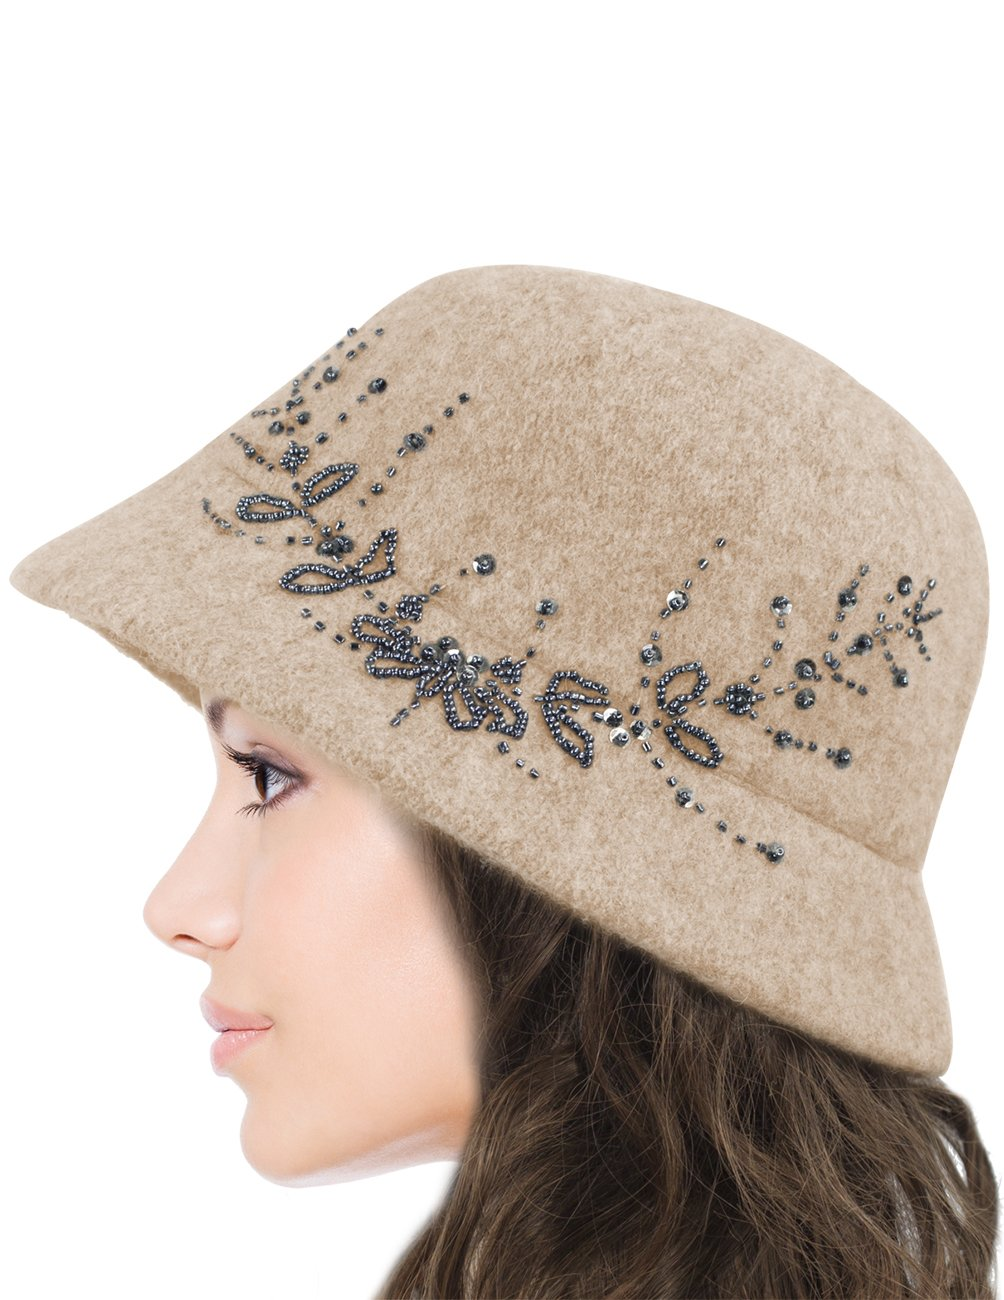 Dahlia Women's Wool Blend Hand Beaded Winter Bucket Hat/Cloche Hat - Tan by Dahlia (Image #4)